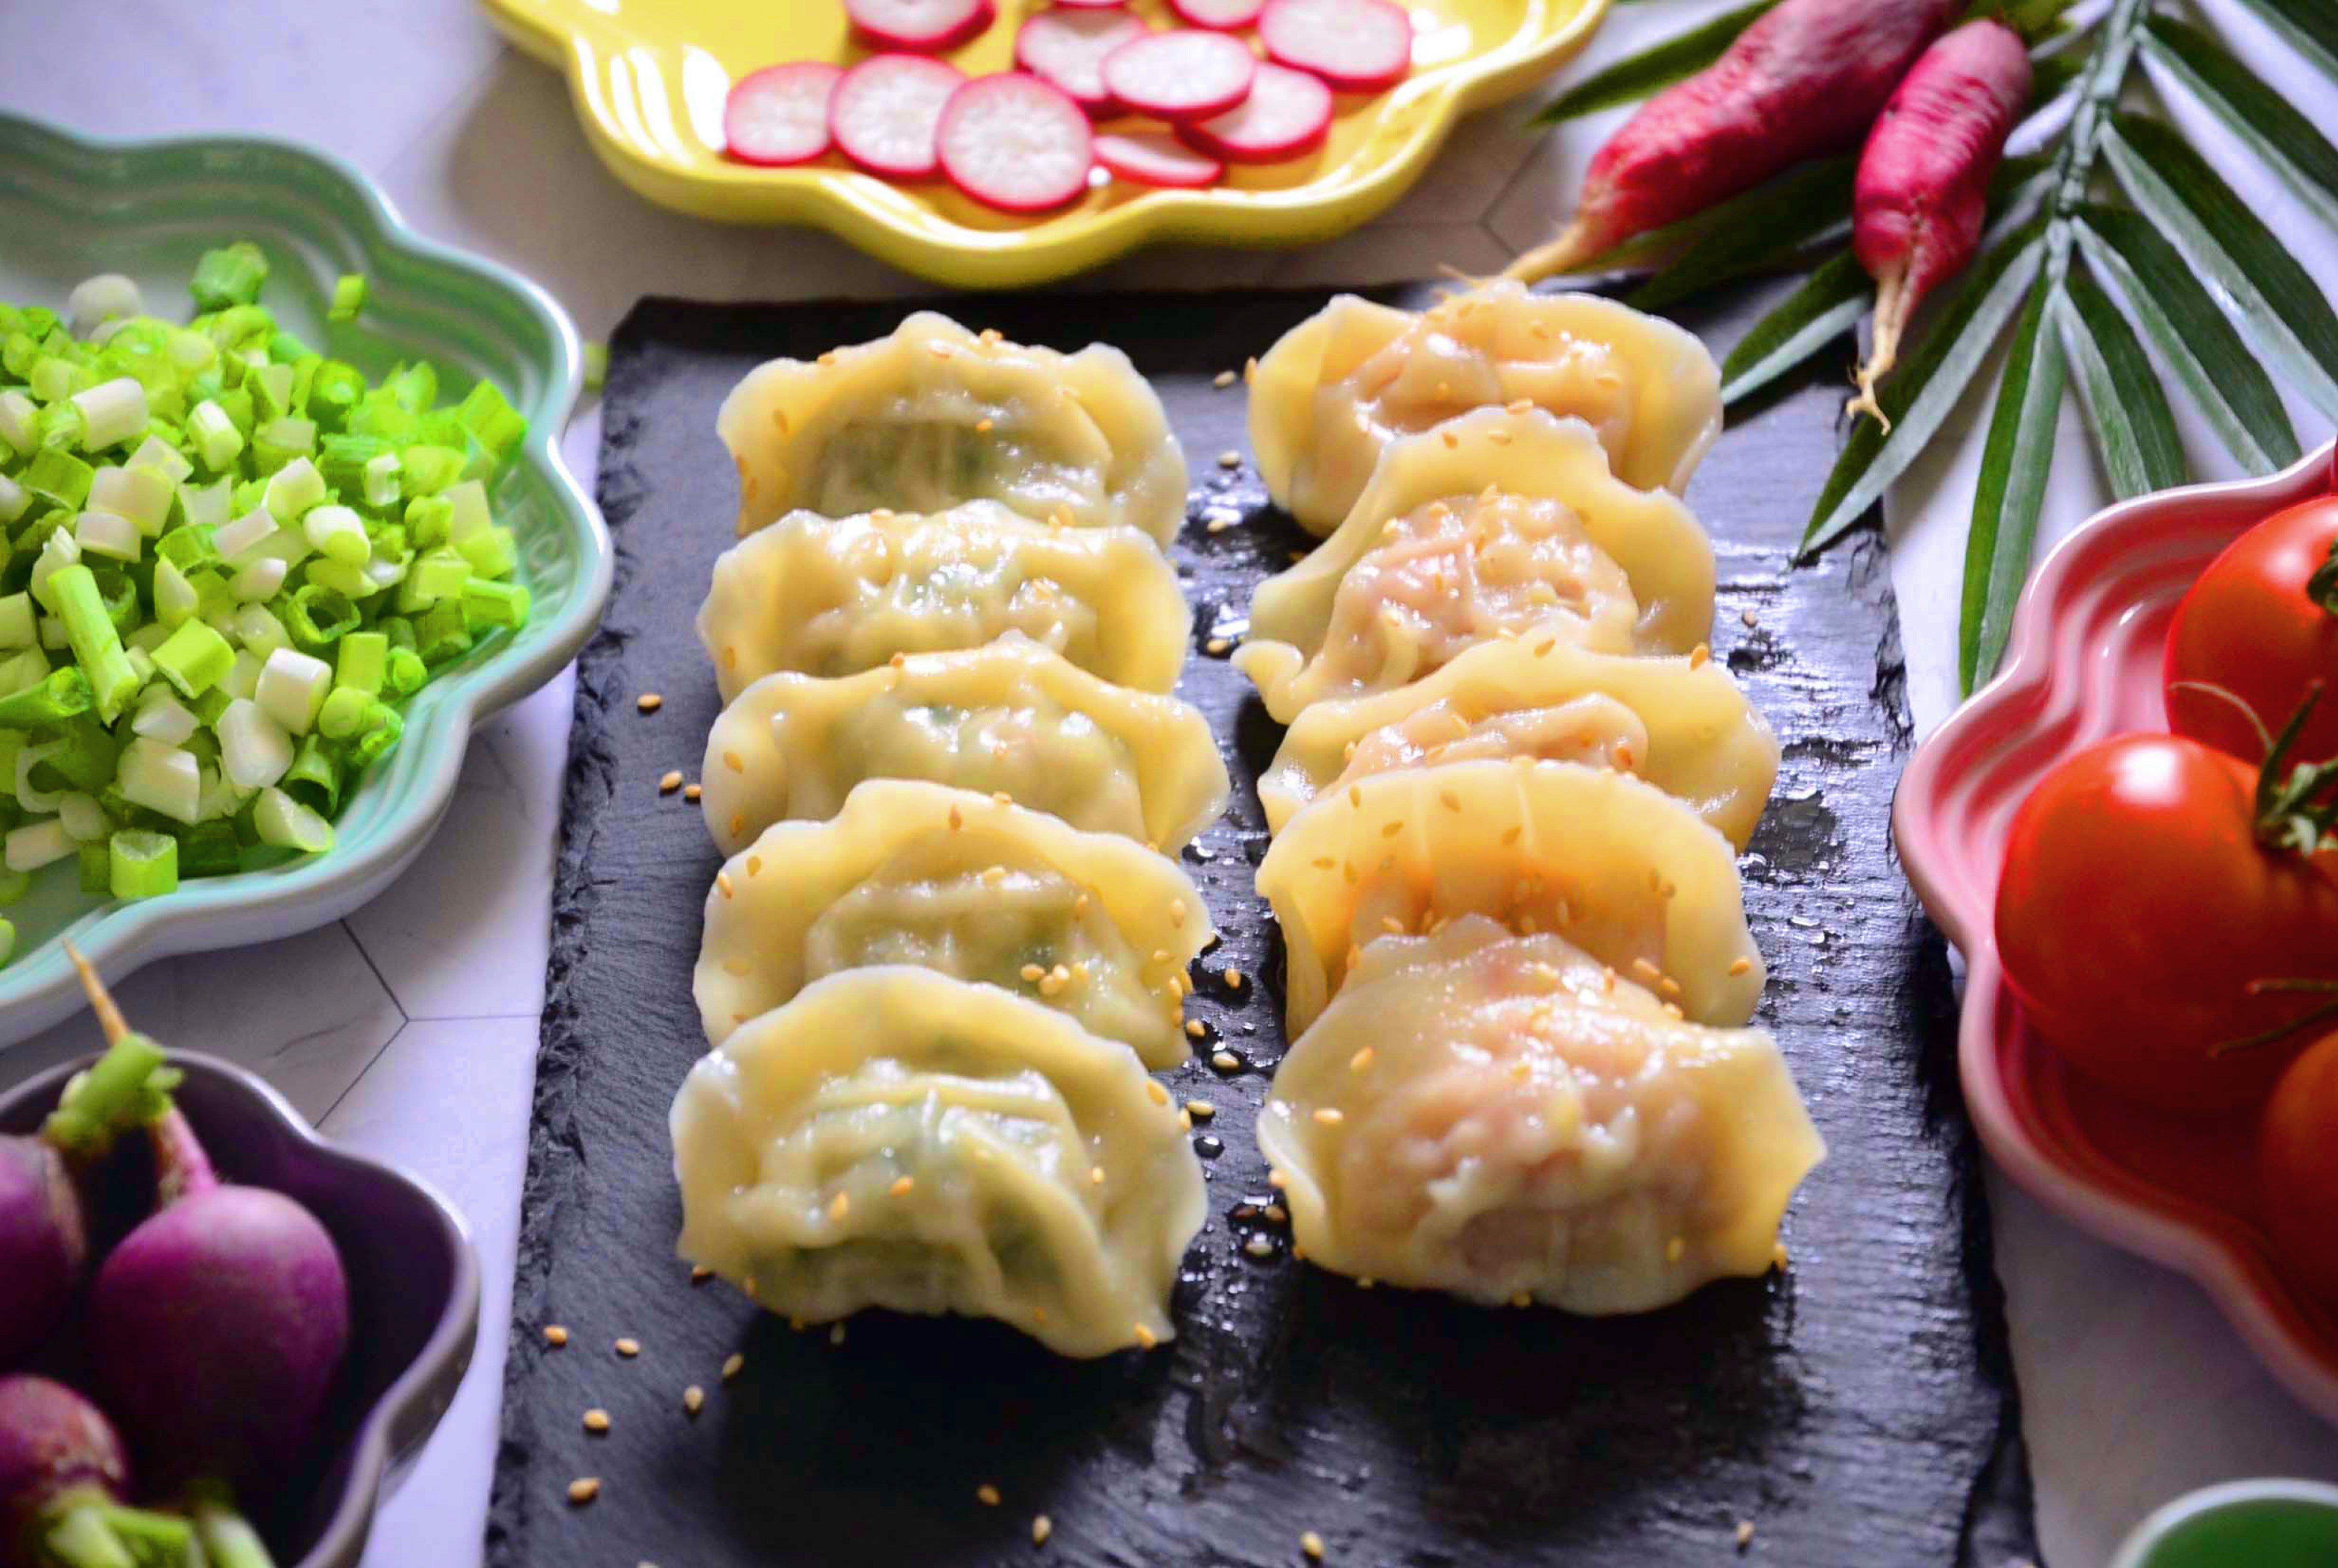 飽滿水餃 兩包免運/冷凍 餃子奶奶/高麗菜豬肉 玉米豬肉 韭菜豬肉